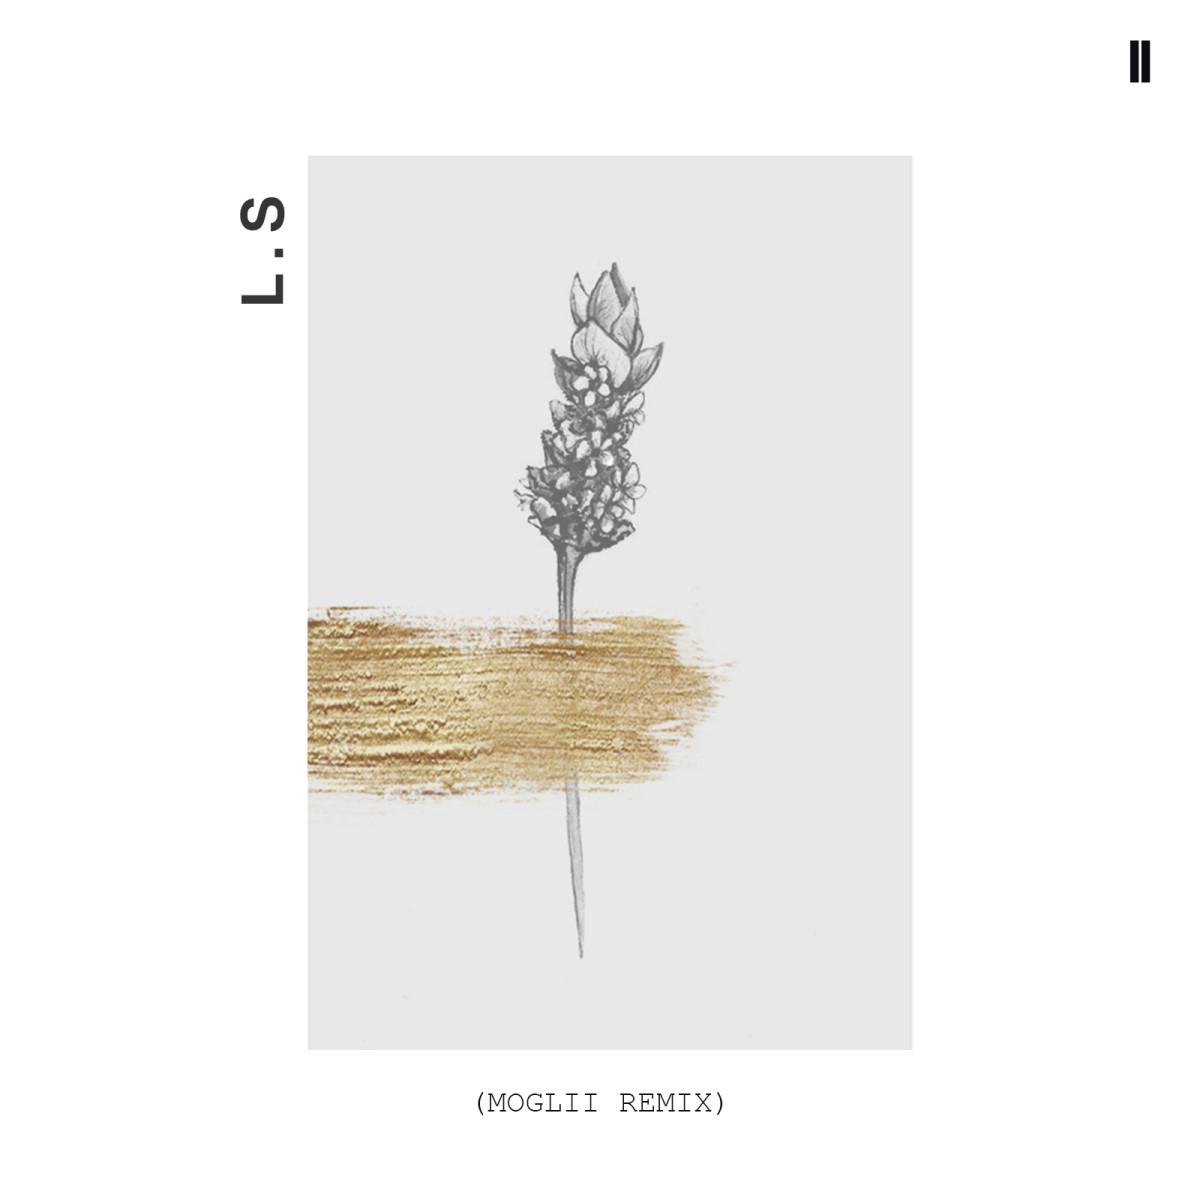 LS remix 01 (1)